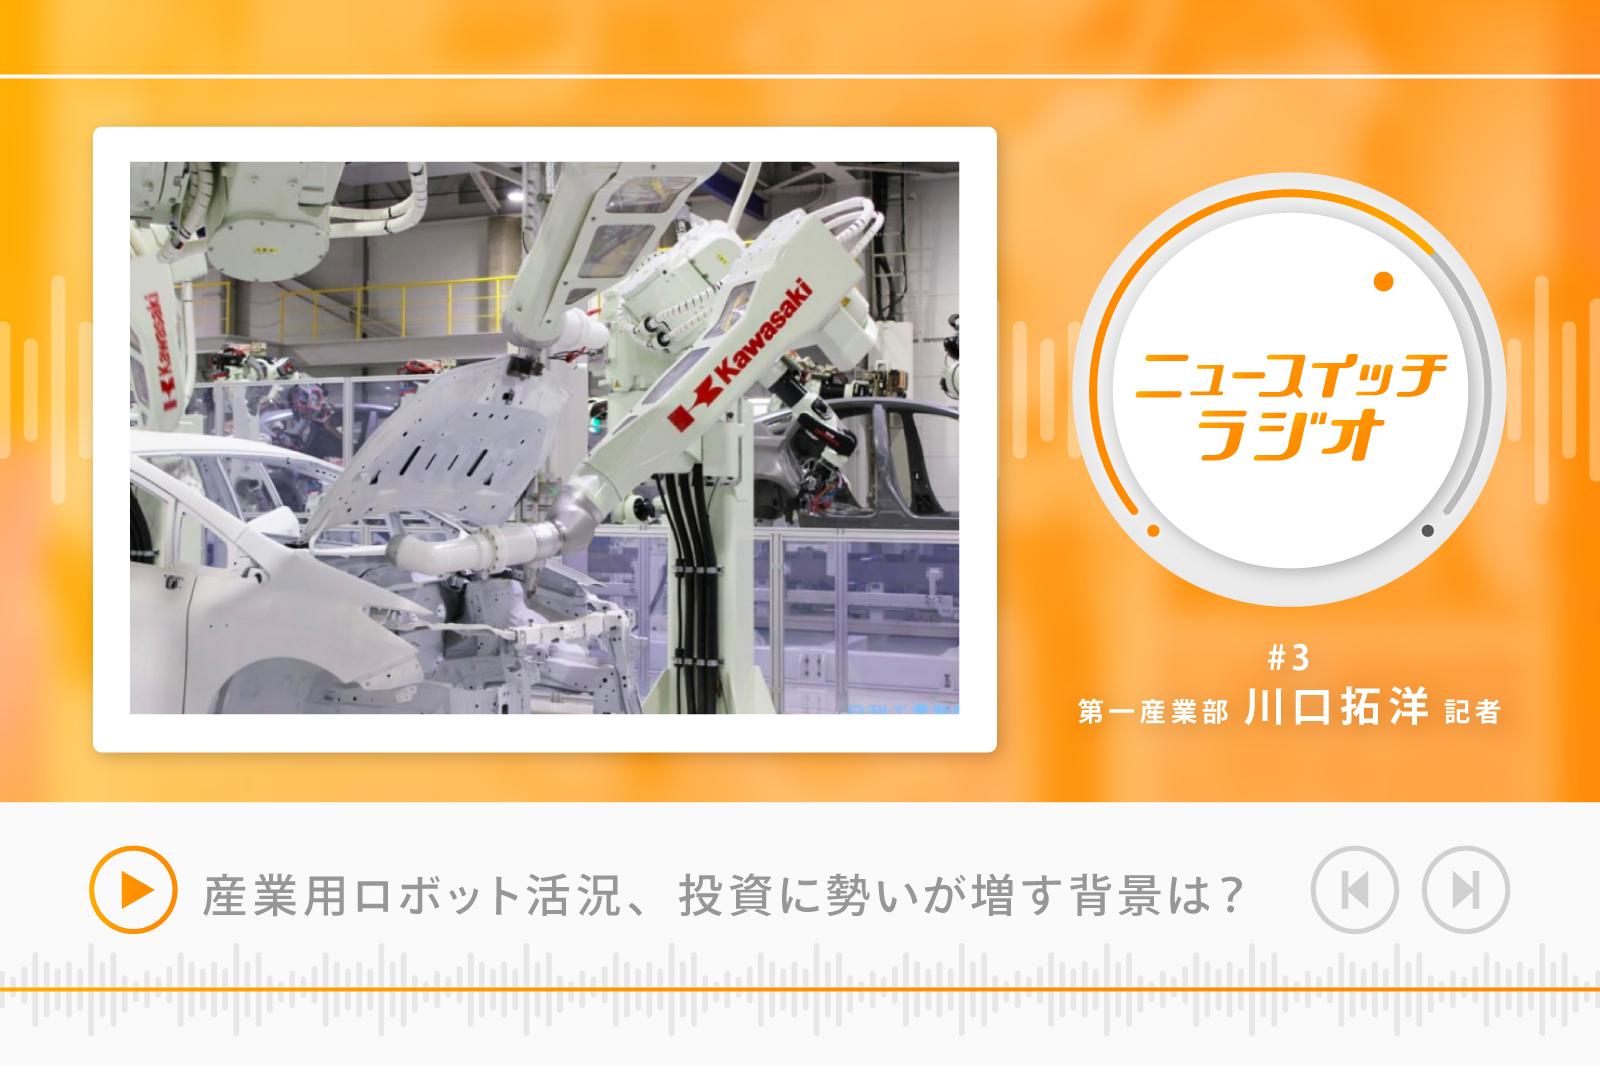 【音声解説】産業用ロボット活況、高まる自動化ニーズで投資に勢い